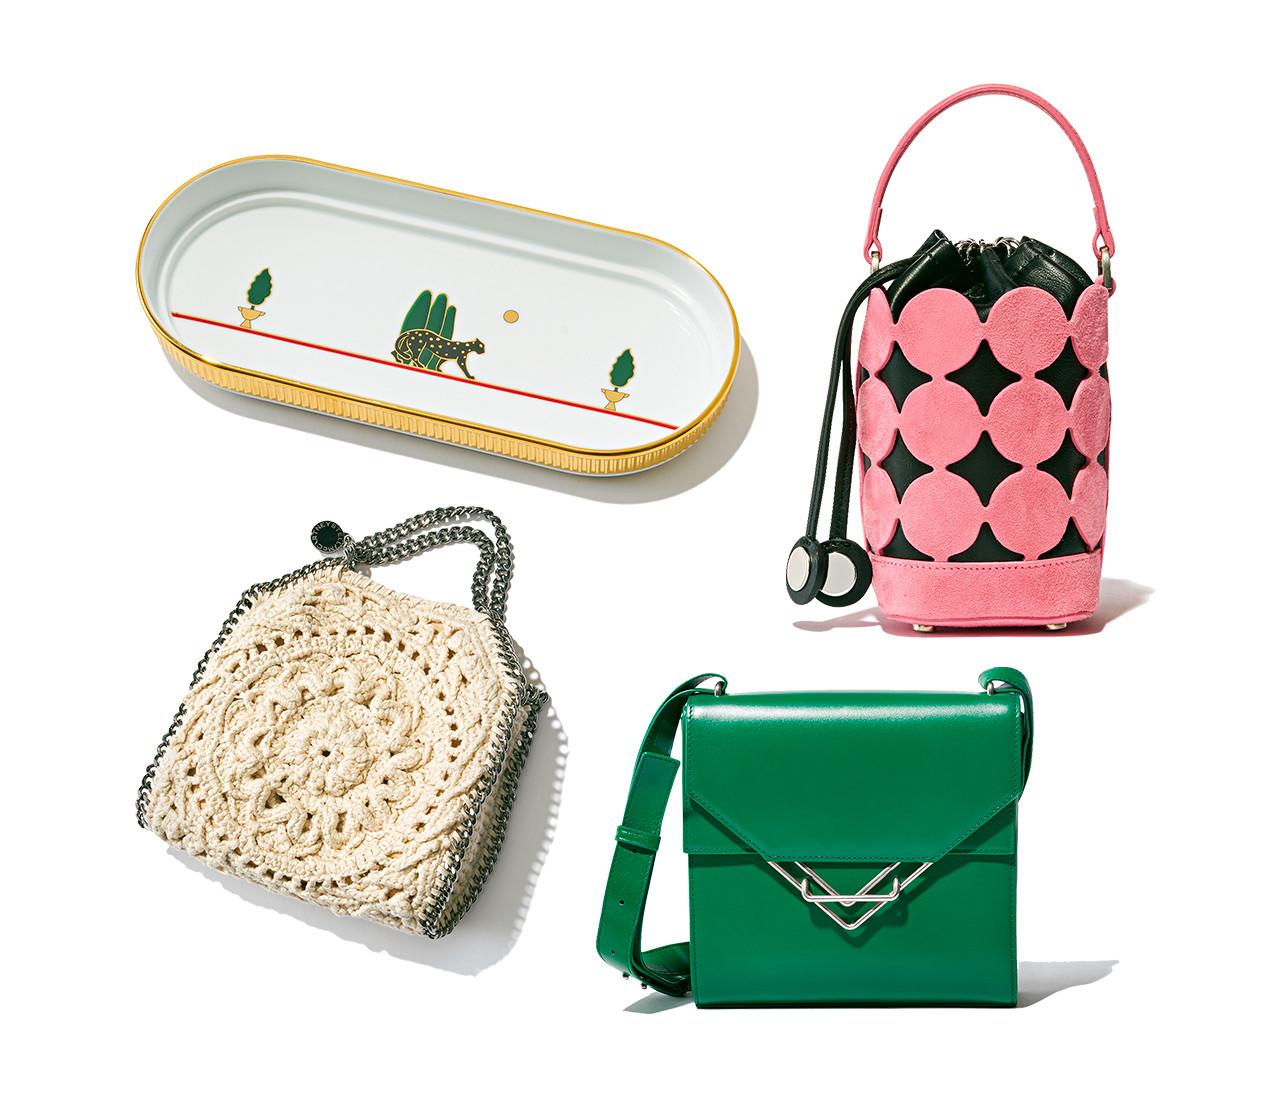 カルティエ、ボッテカ・ヴェネタ...春の新作バッグ&ホームグッズをチェック!【今月のおしゃれニュース】